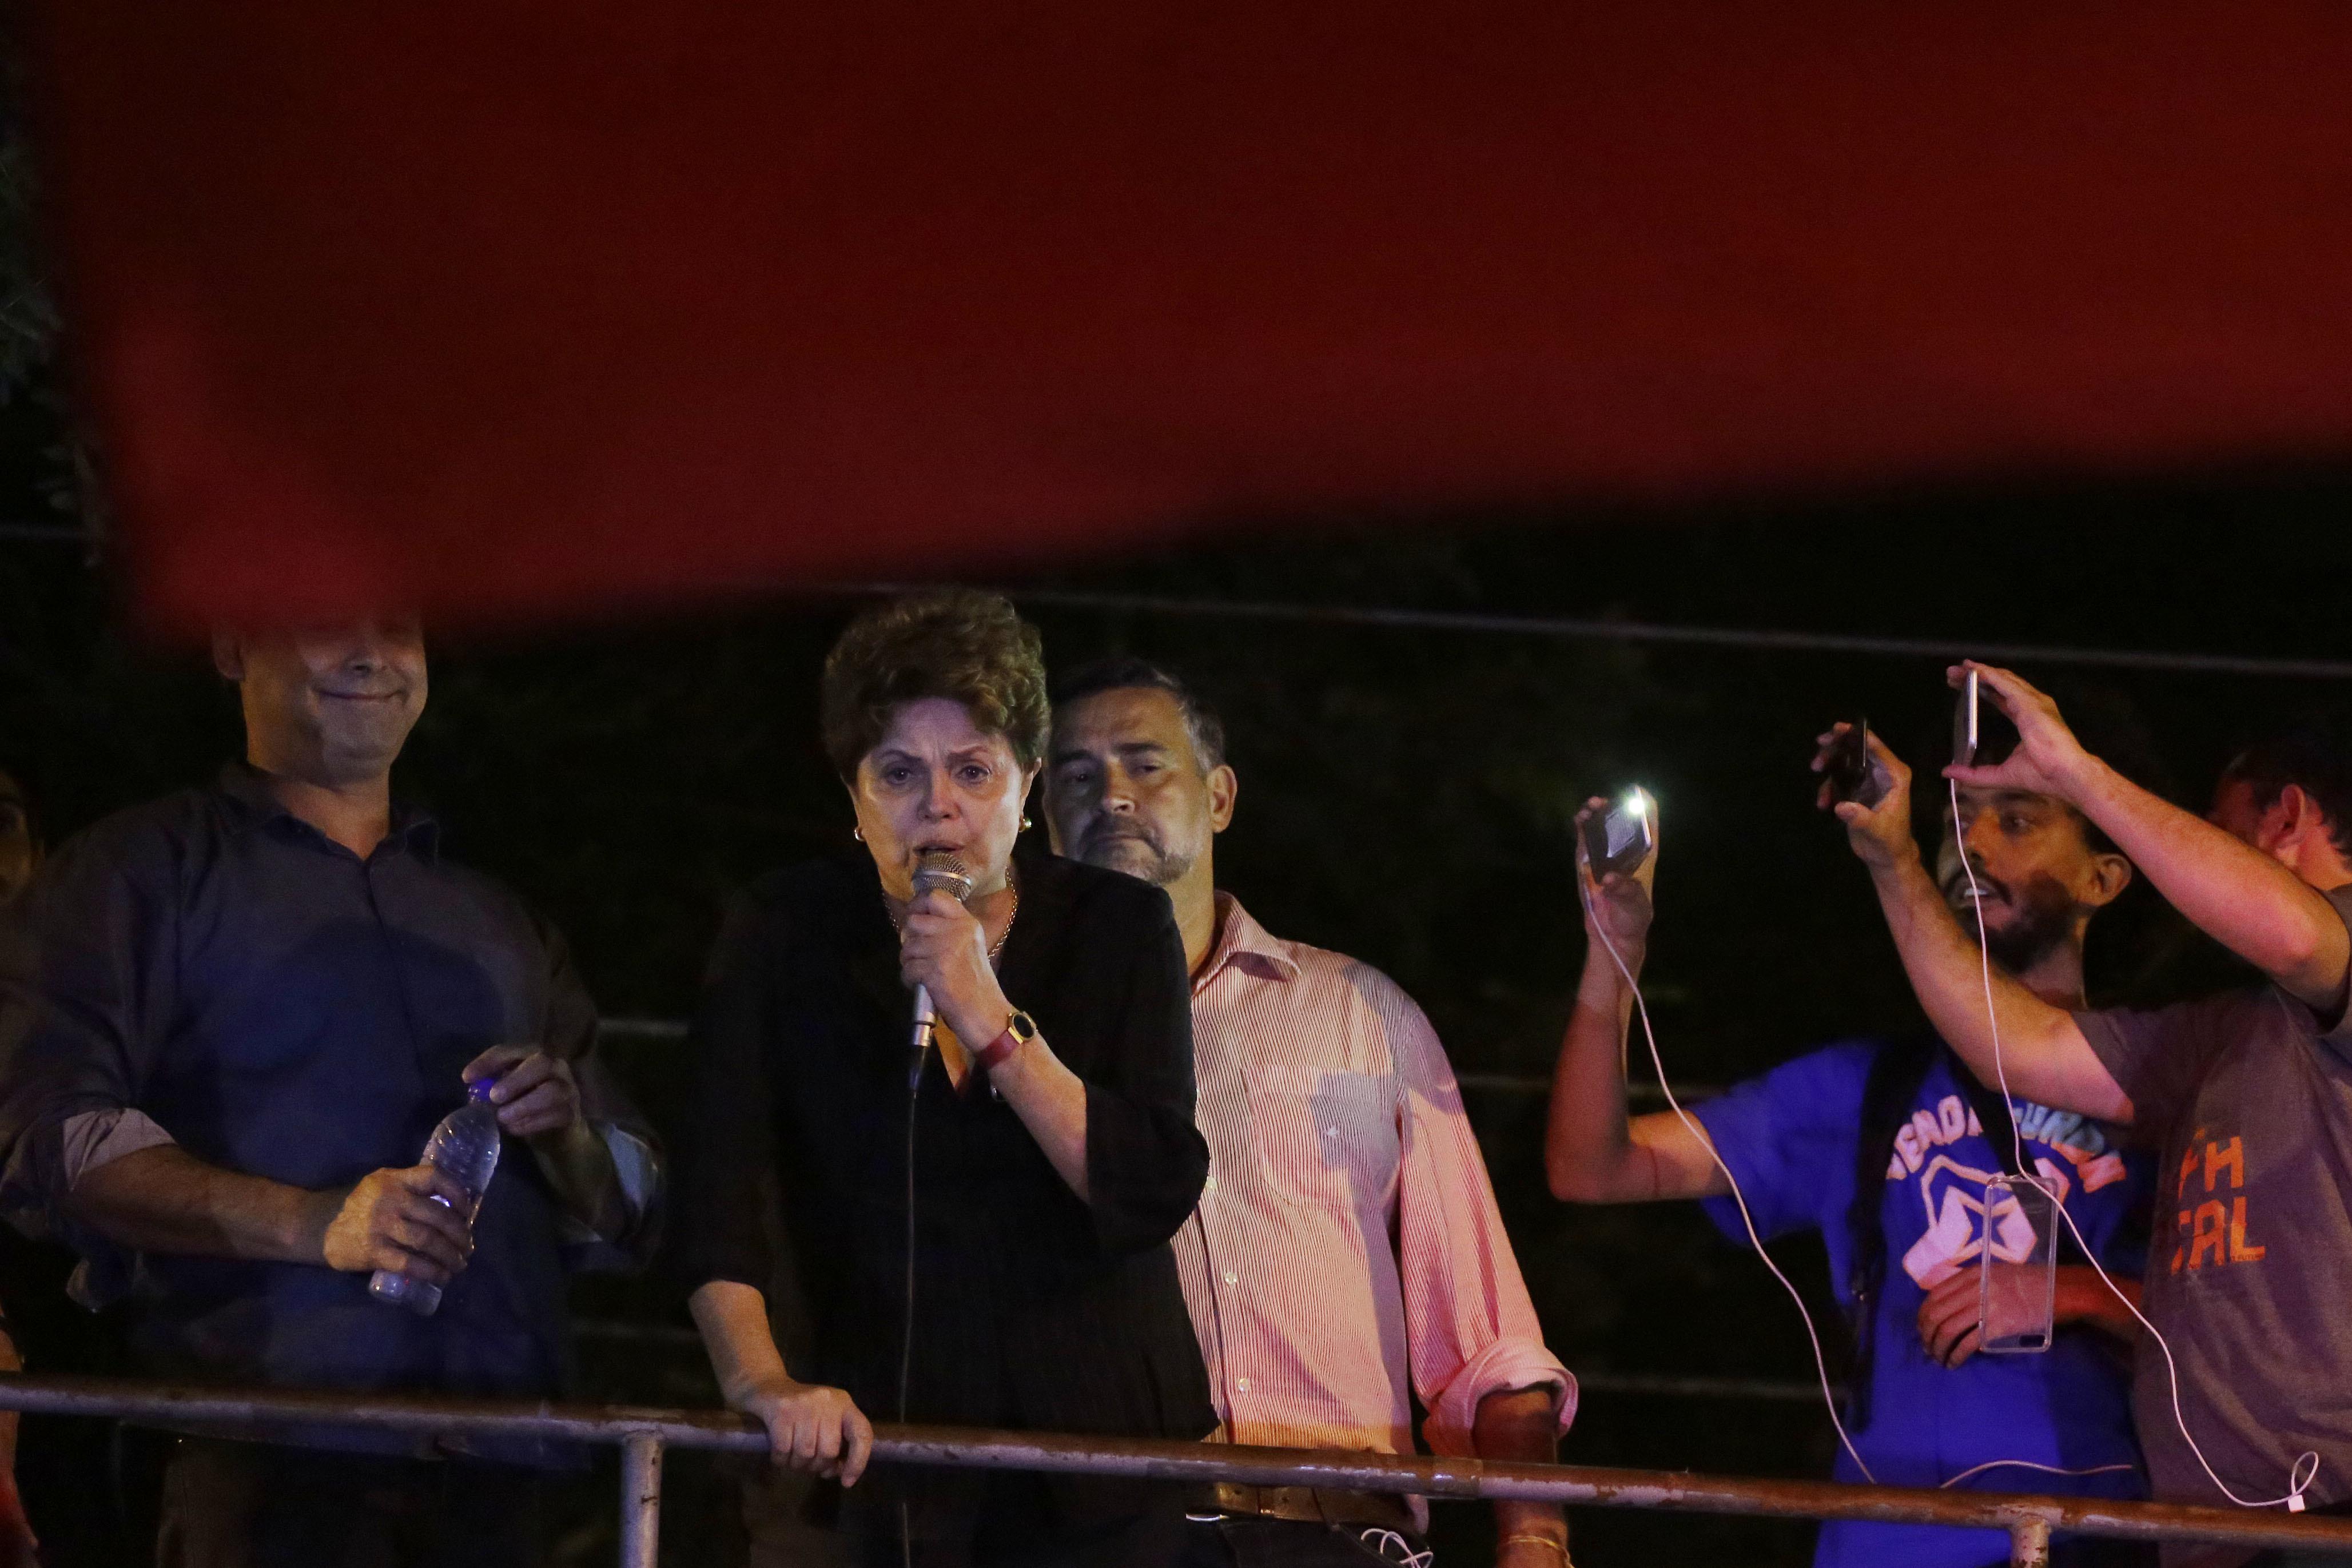 La ex presidente Dilma Rousseff también estuvo presente en el acto (AP/Nelson Antoine)